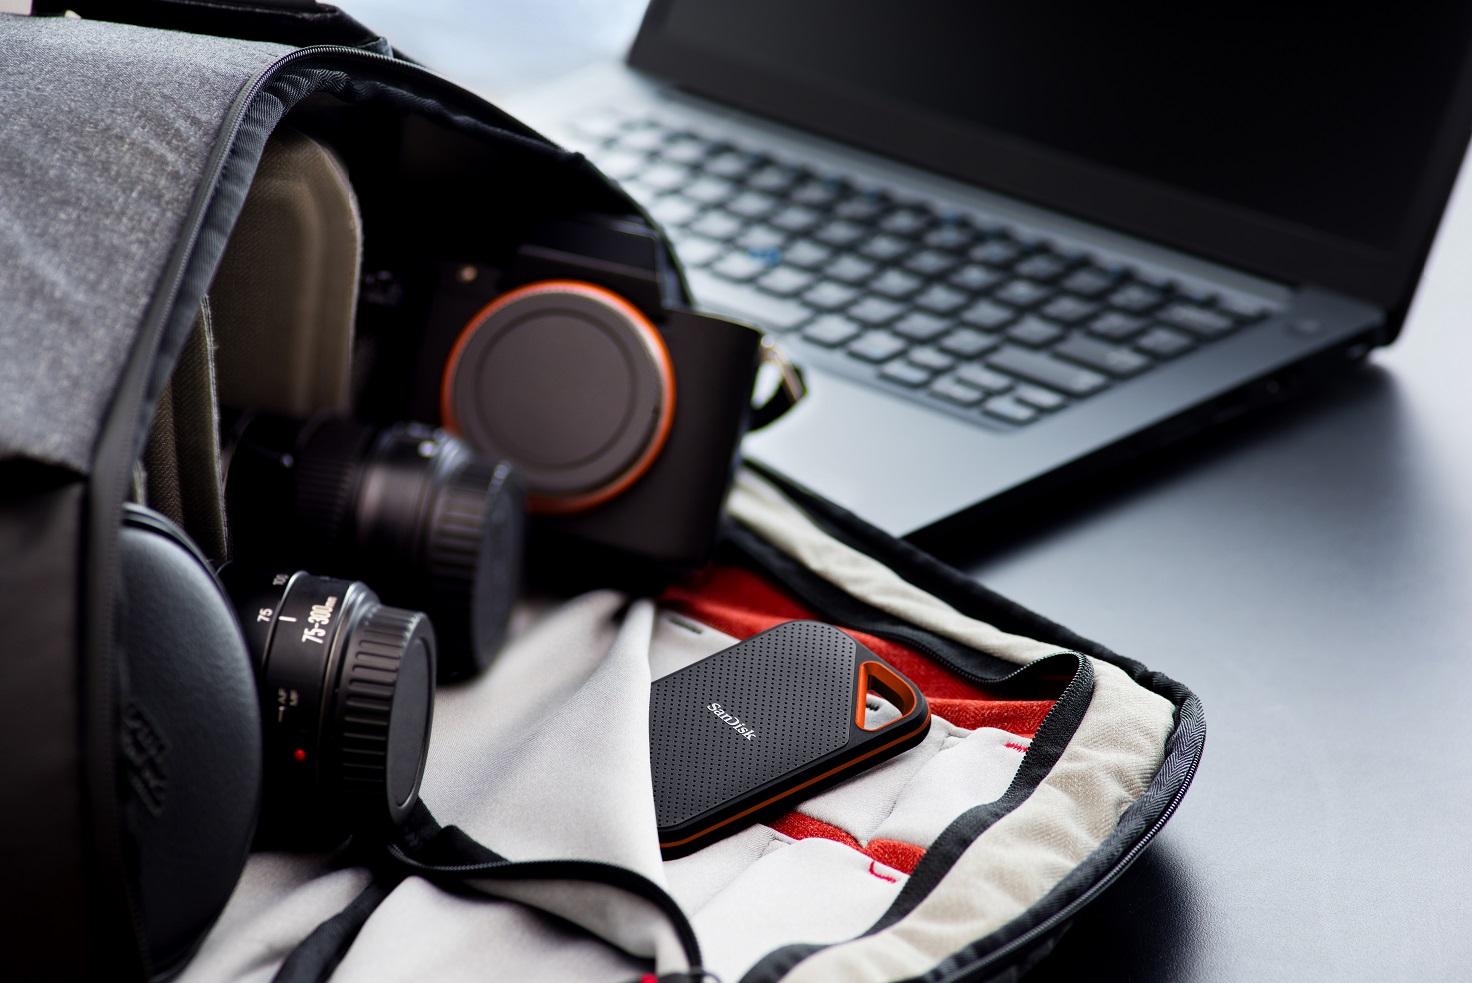 ExPRO_Portable_SSD_152-hi